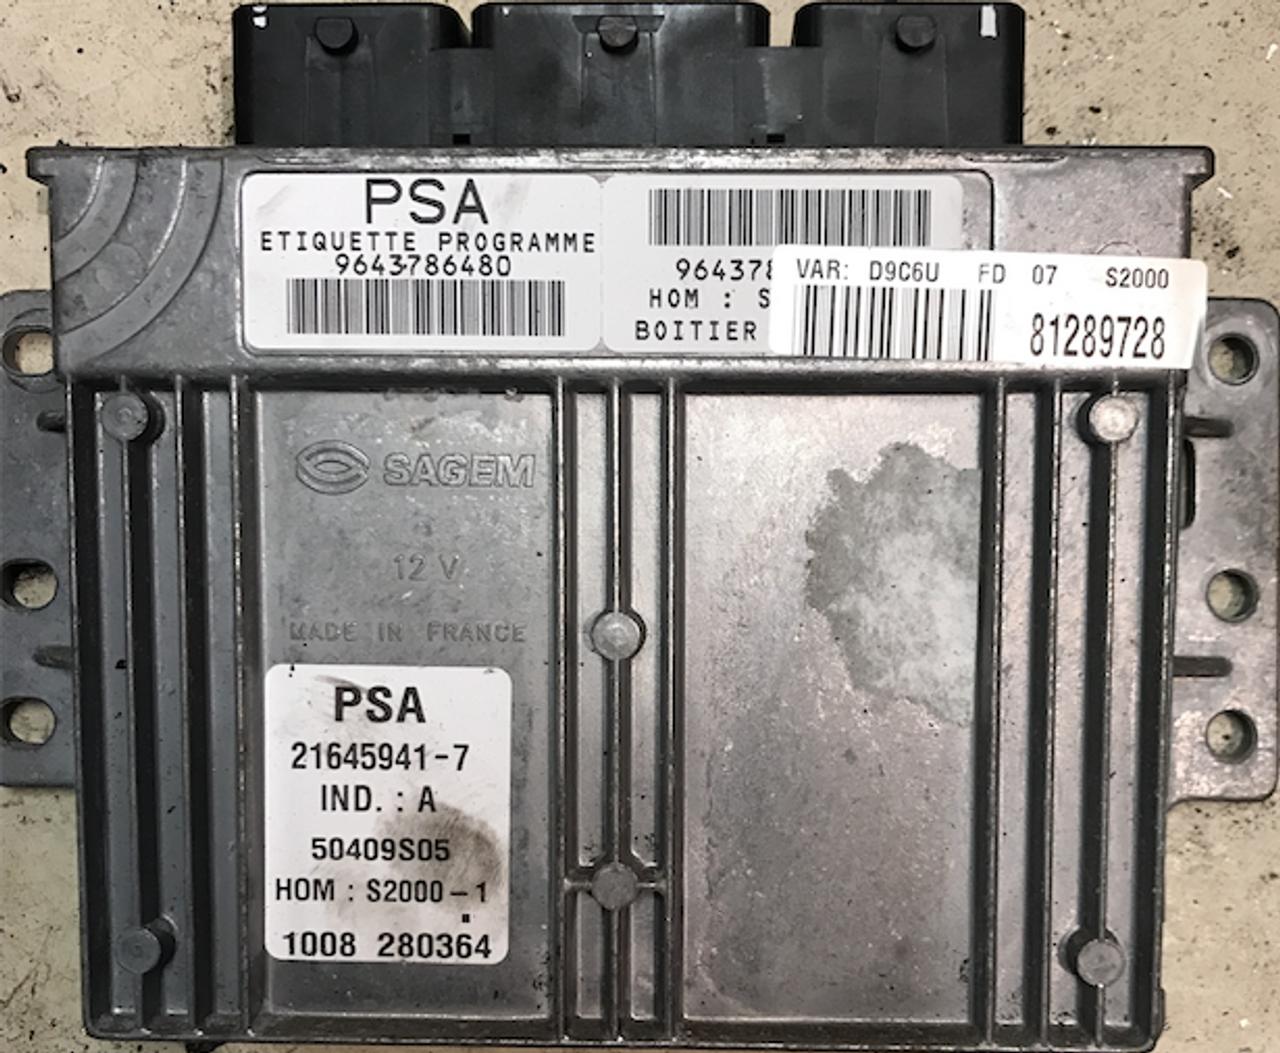 PSA, S2000-1,9643786480, 21645941-7, IND.:A